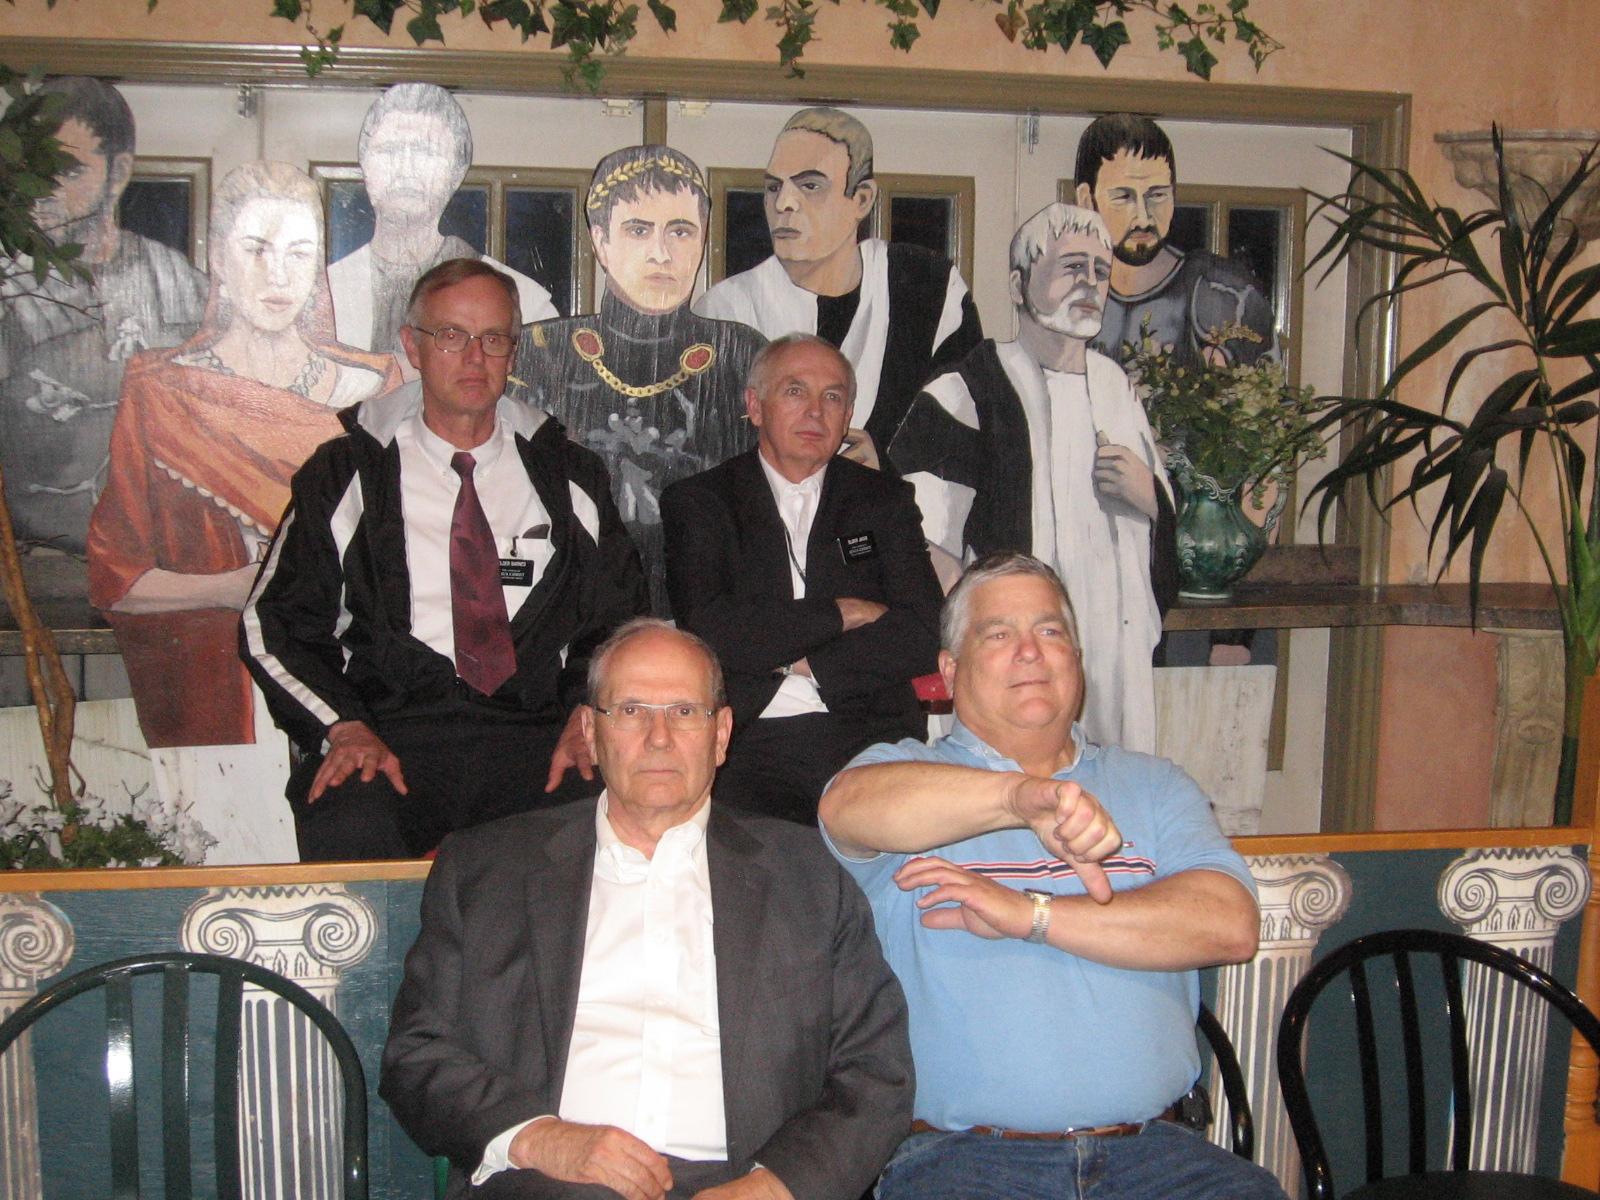 j adams management rome - photo#8